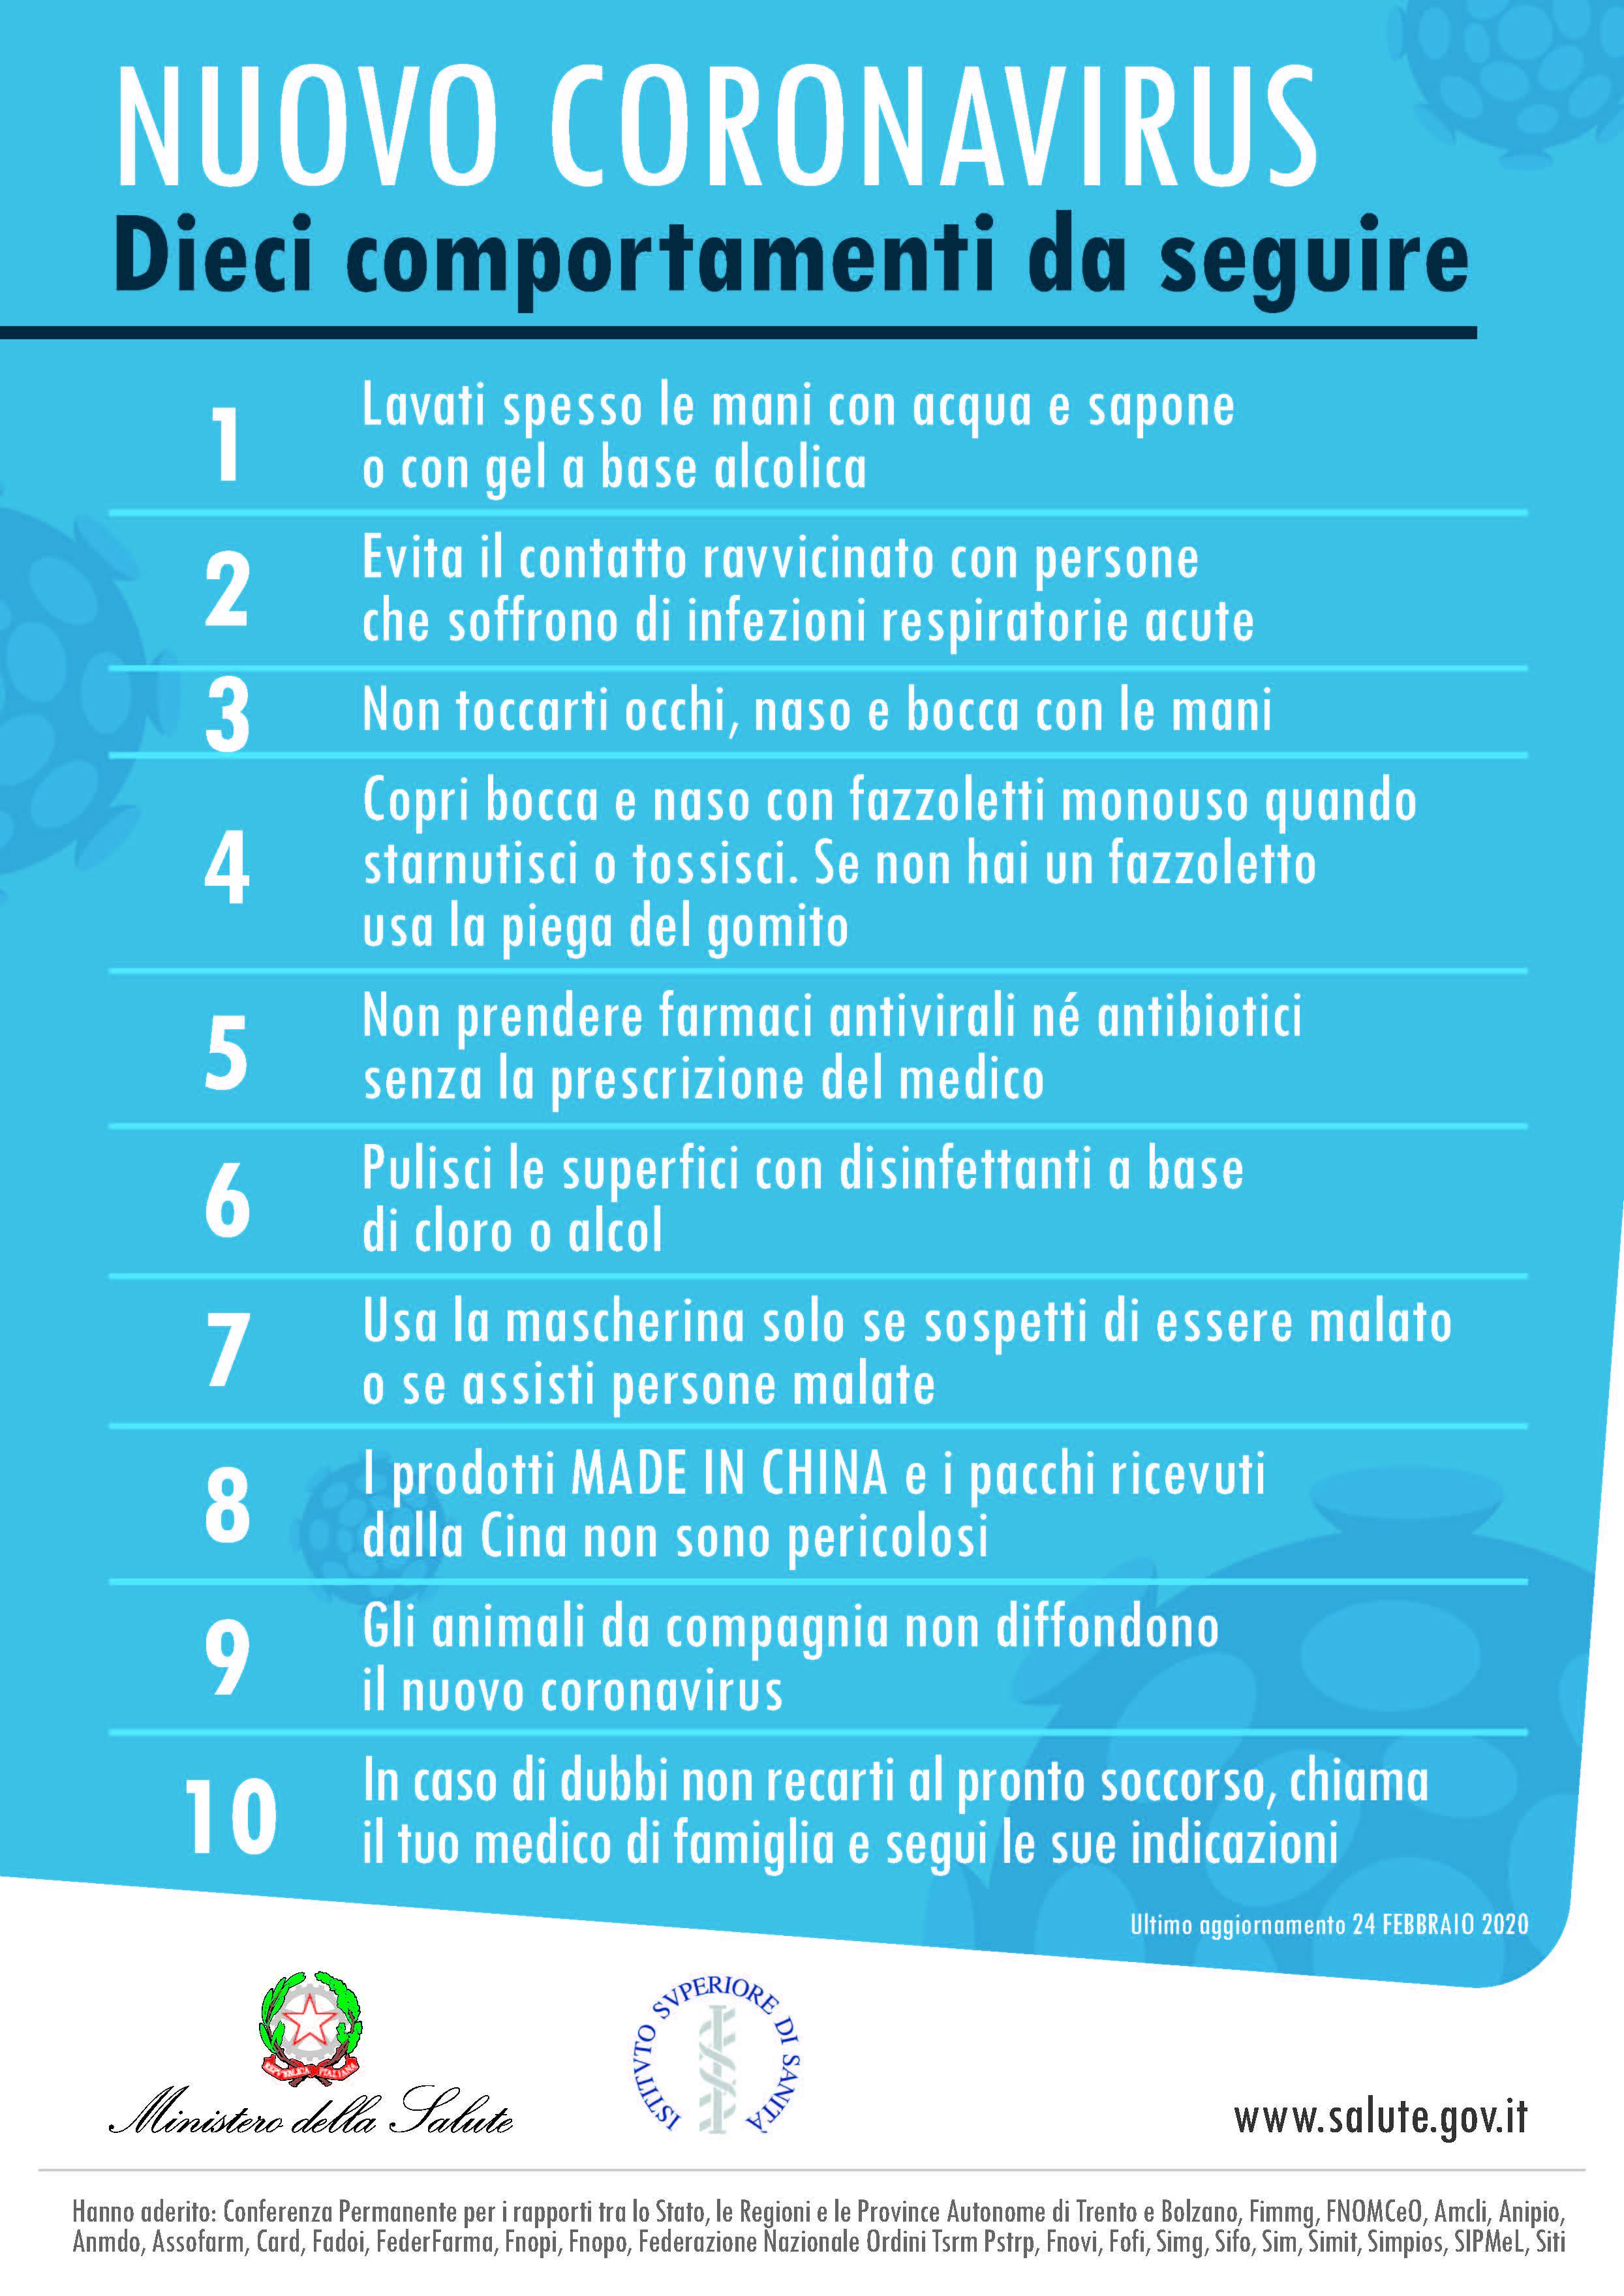 10-comportamenti